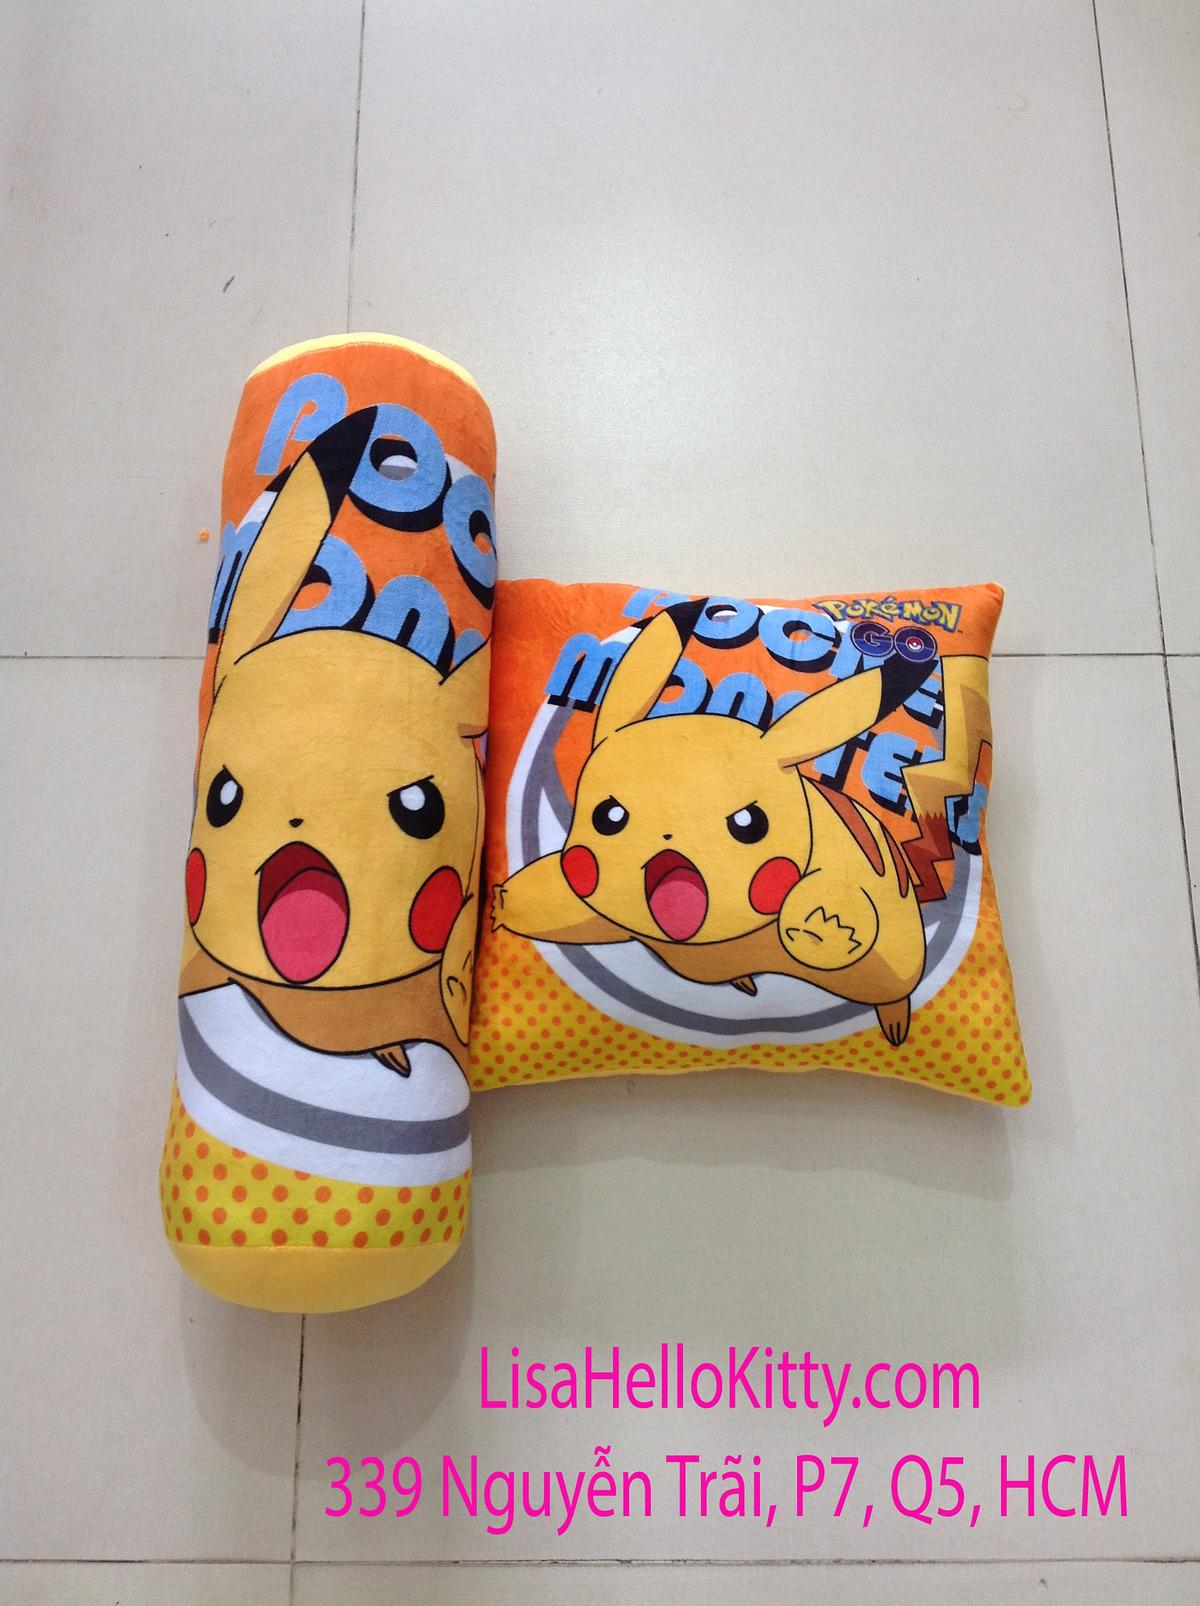 [Shop Lisa Hello Kitty Nguyễn Trãi] Combo bộ gối Hello Kitty cực kỳ dễ thương - 5